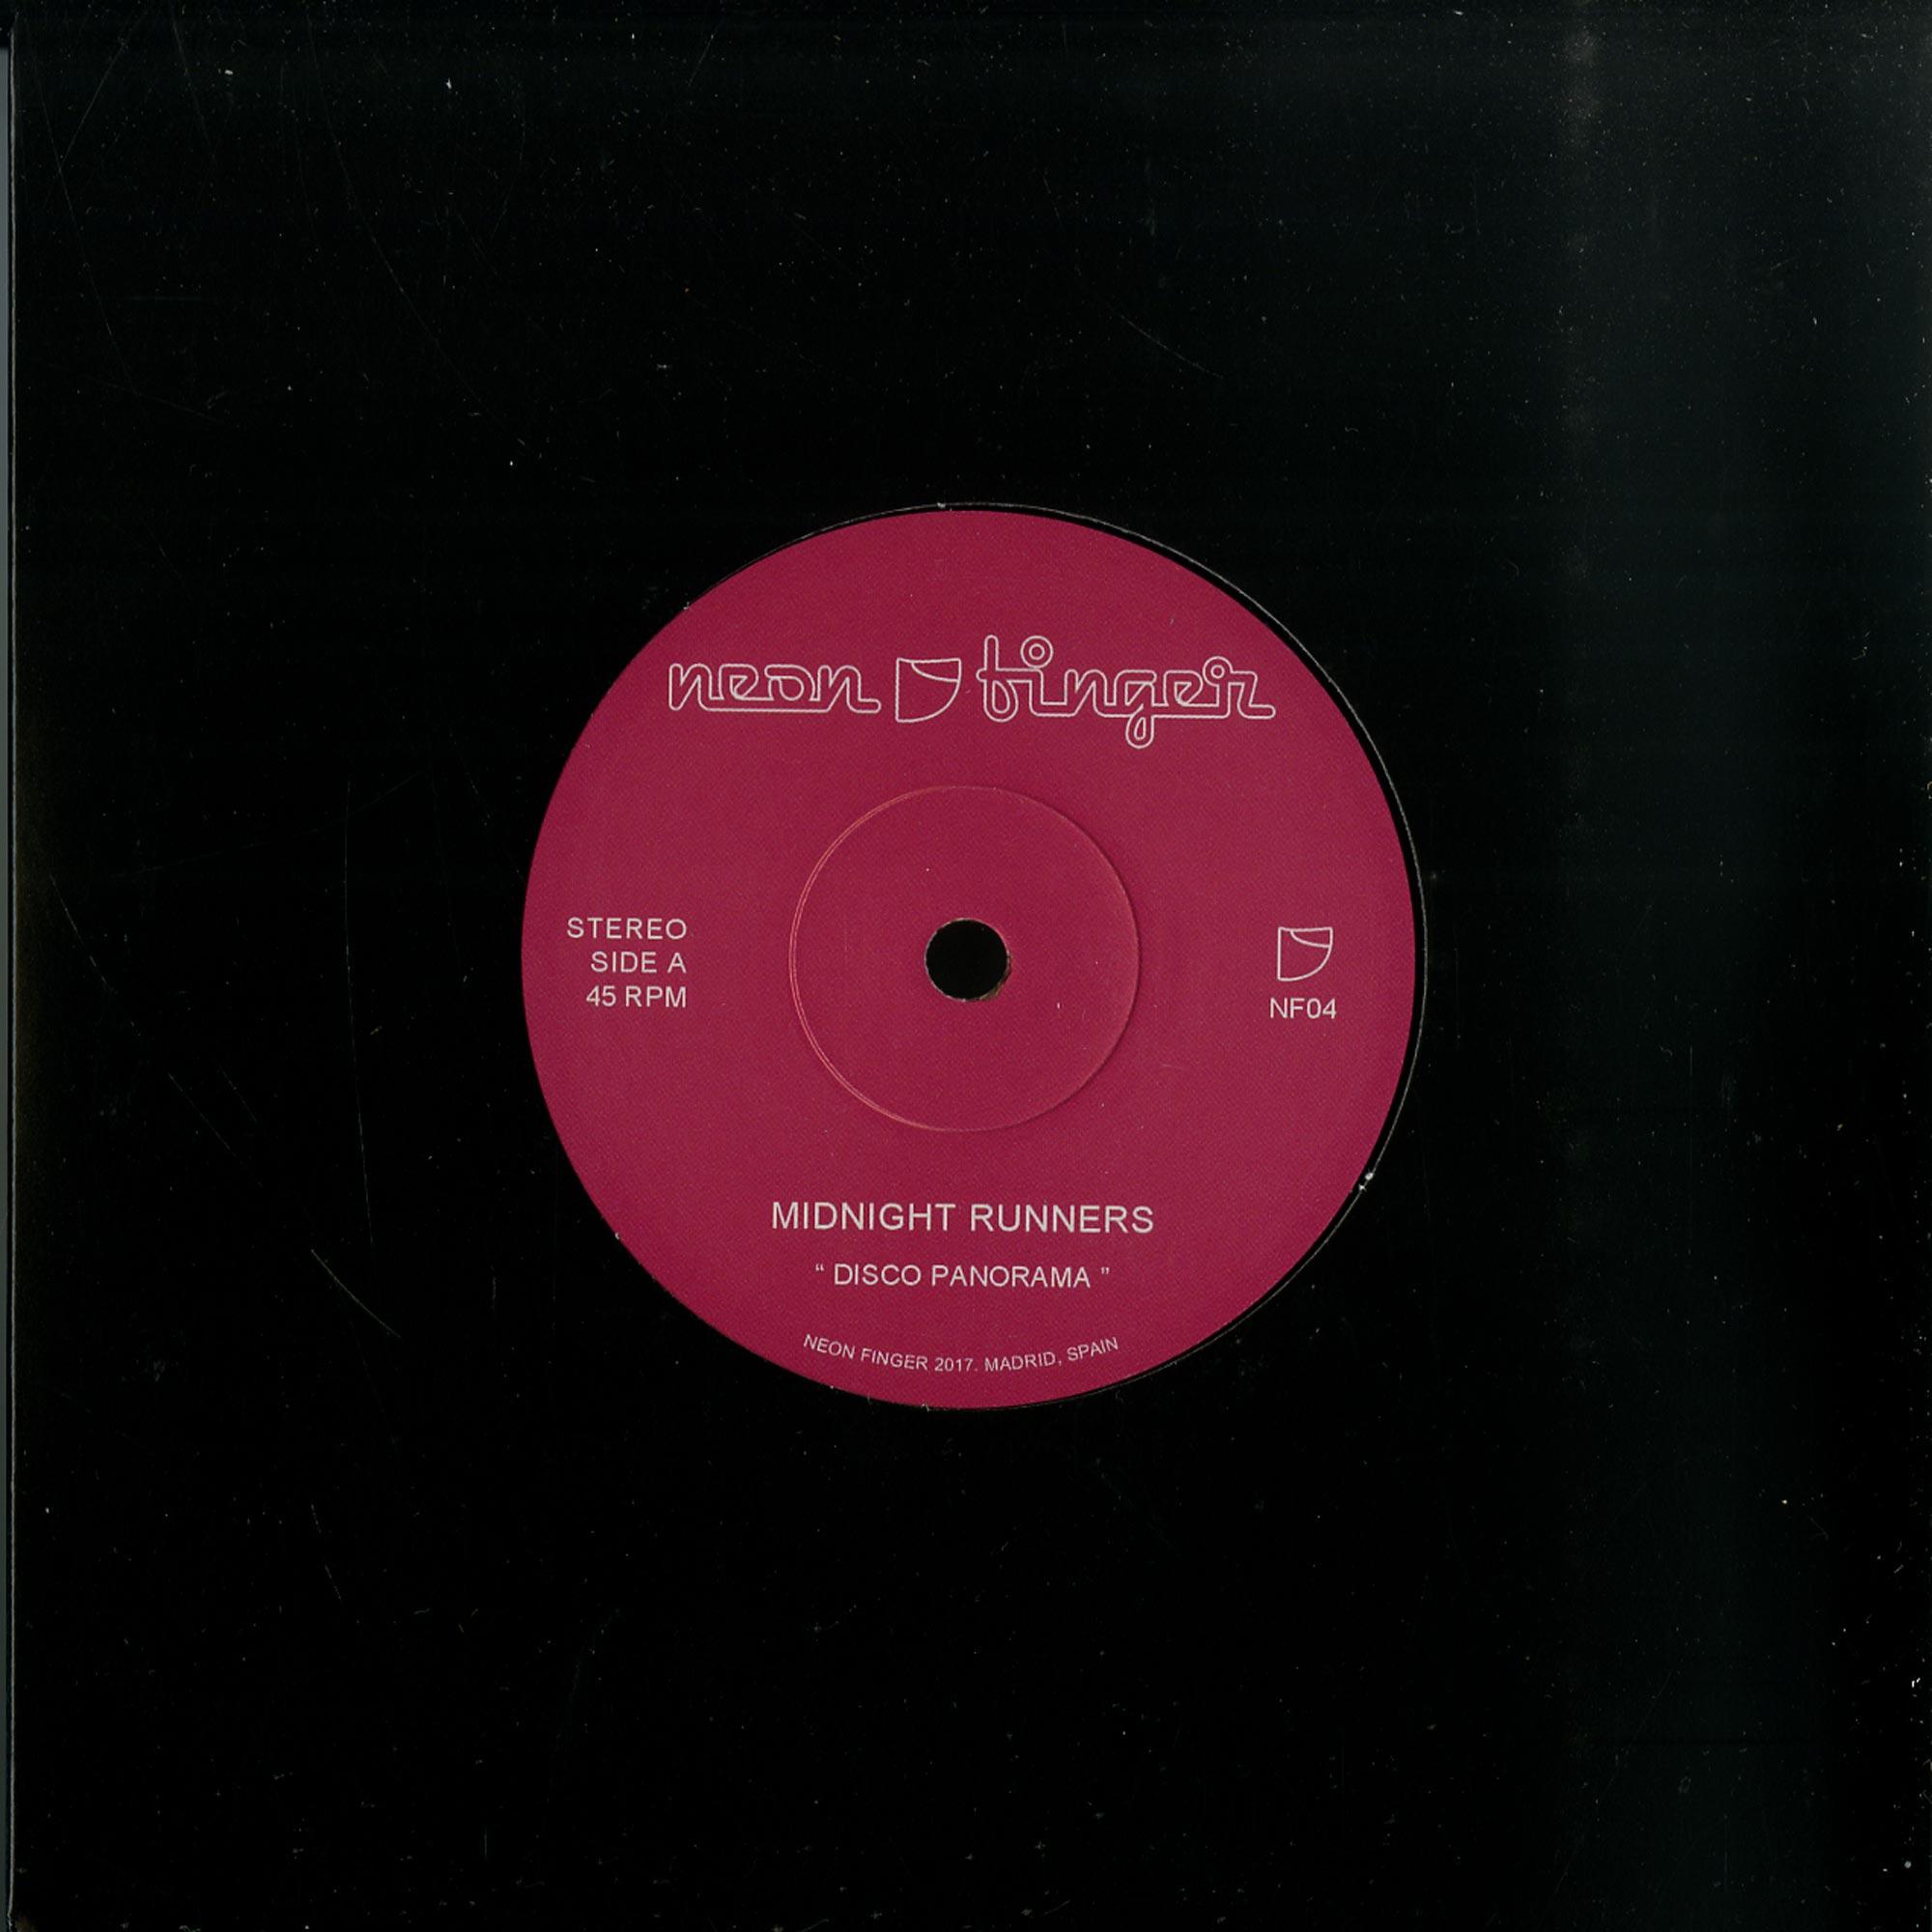 Midnight Runners - DISCO PANORAMA